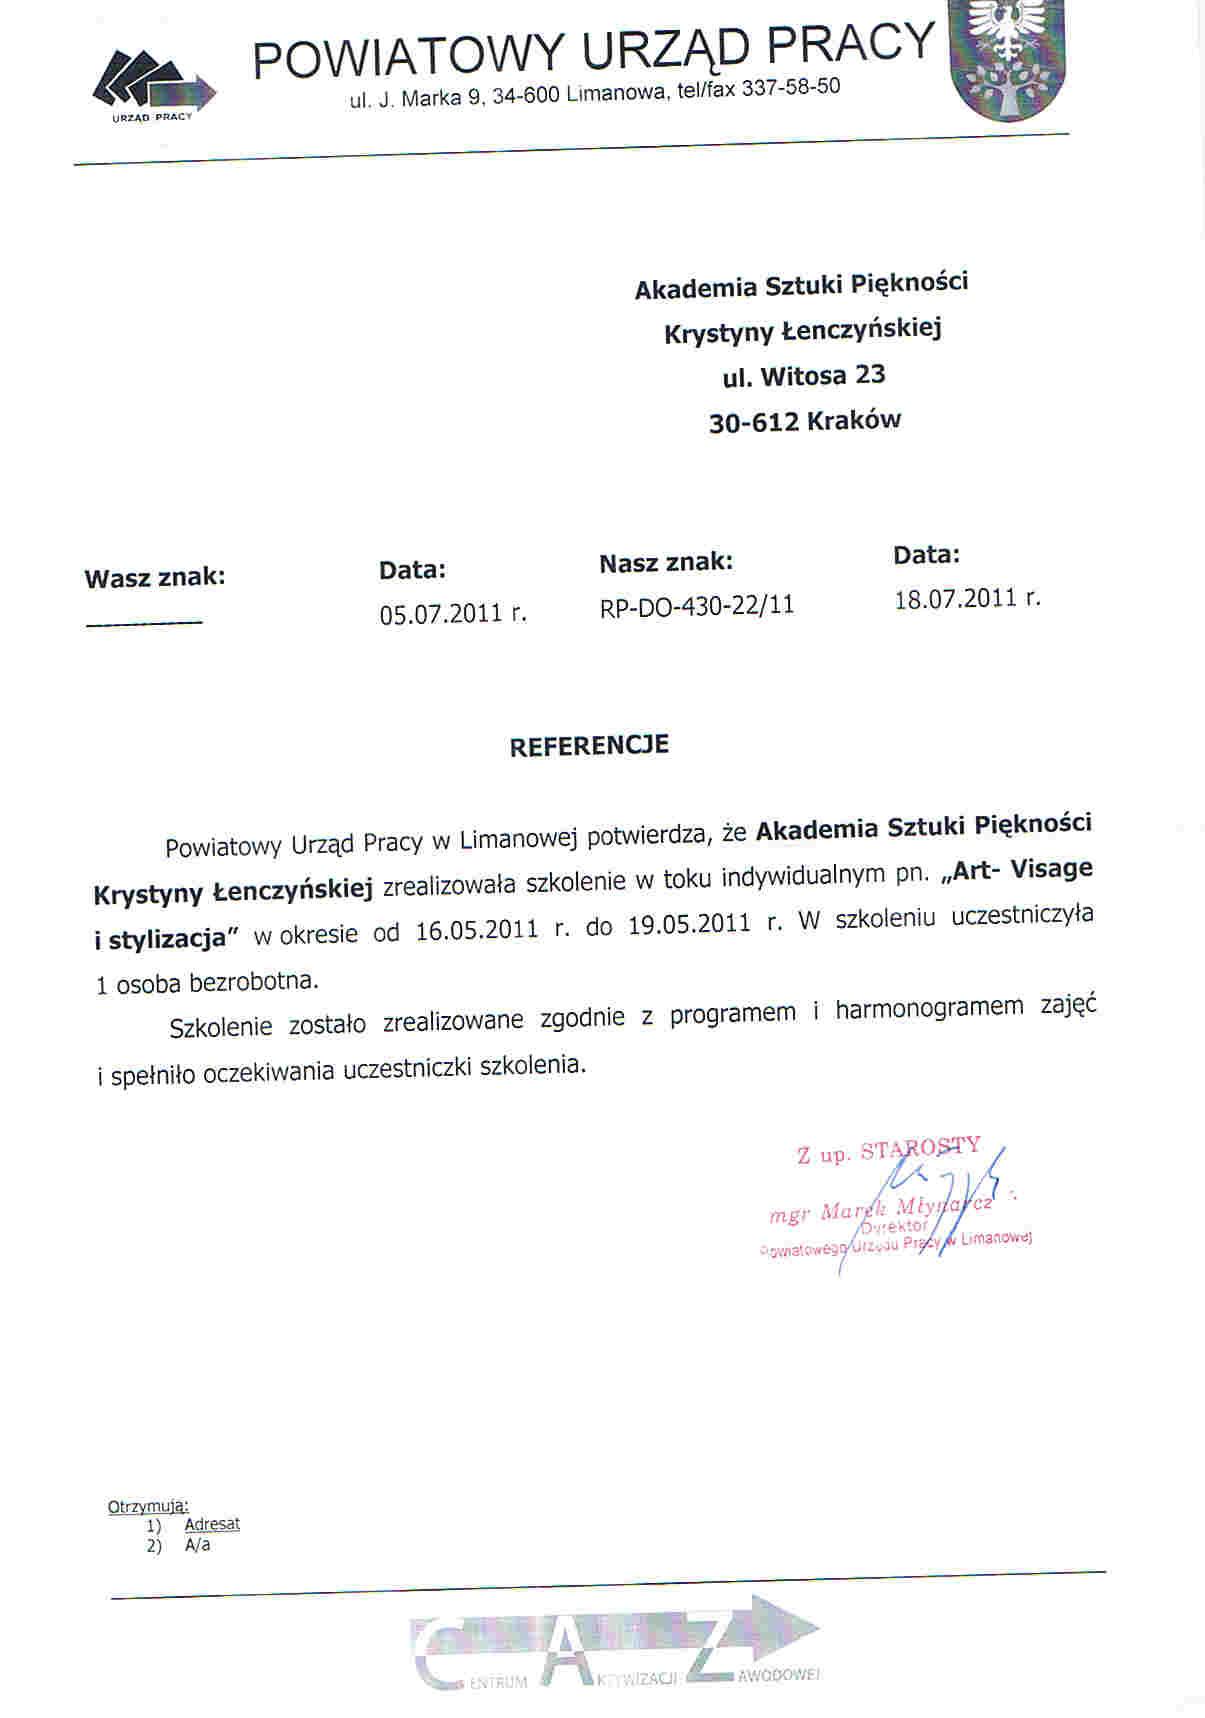 Powiatowy Urząd Pracy w Limanowej-Limanowa